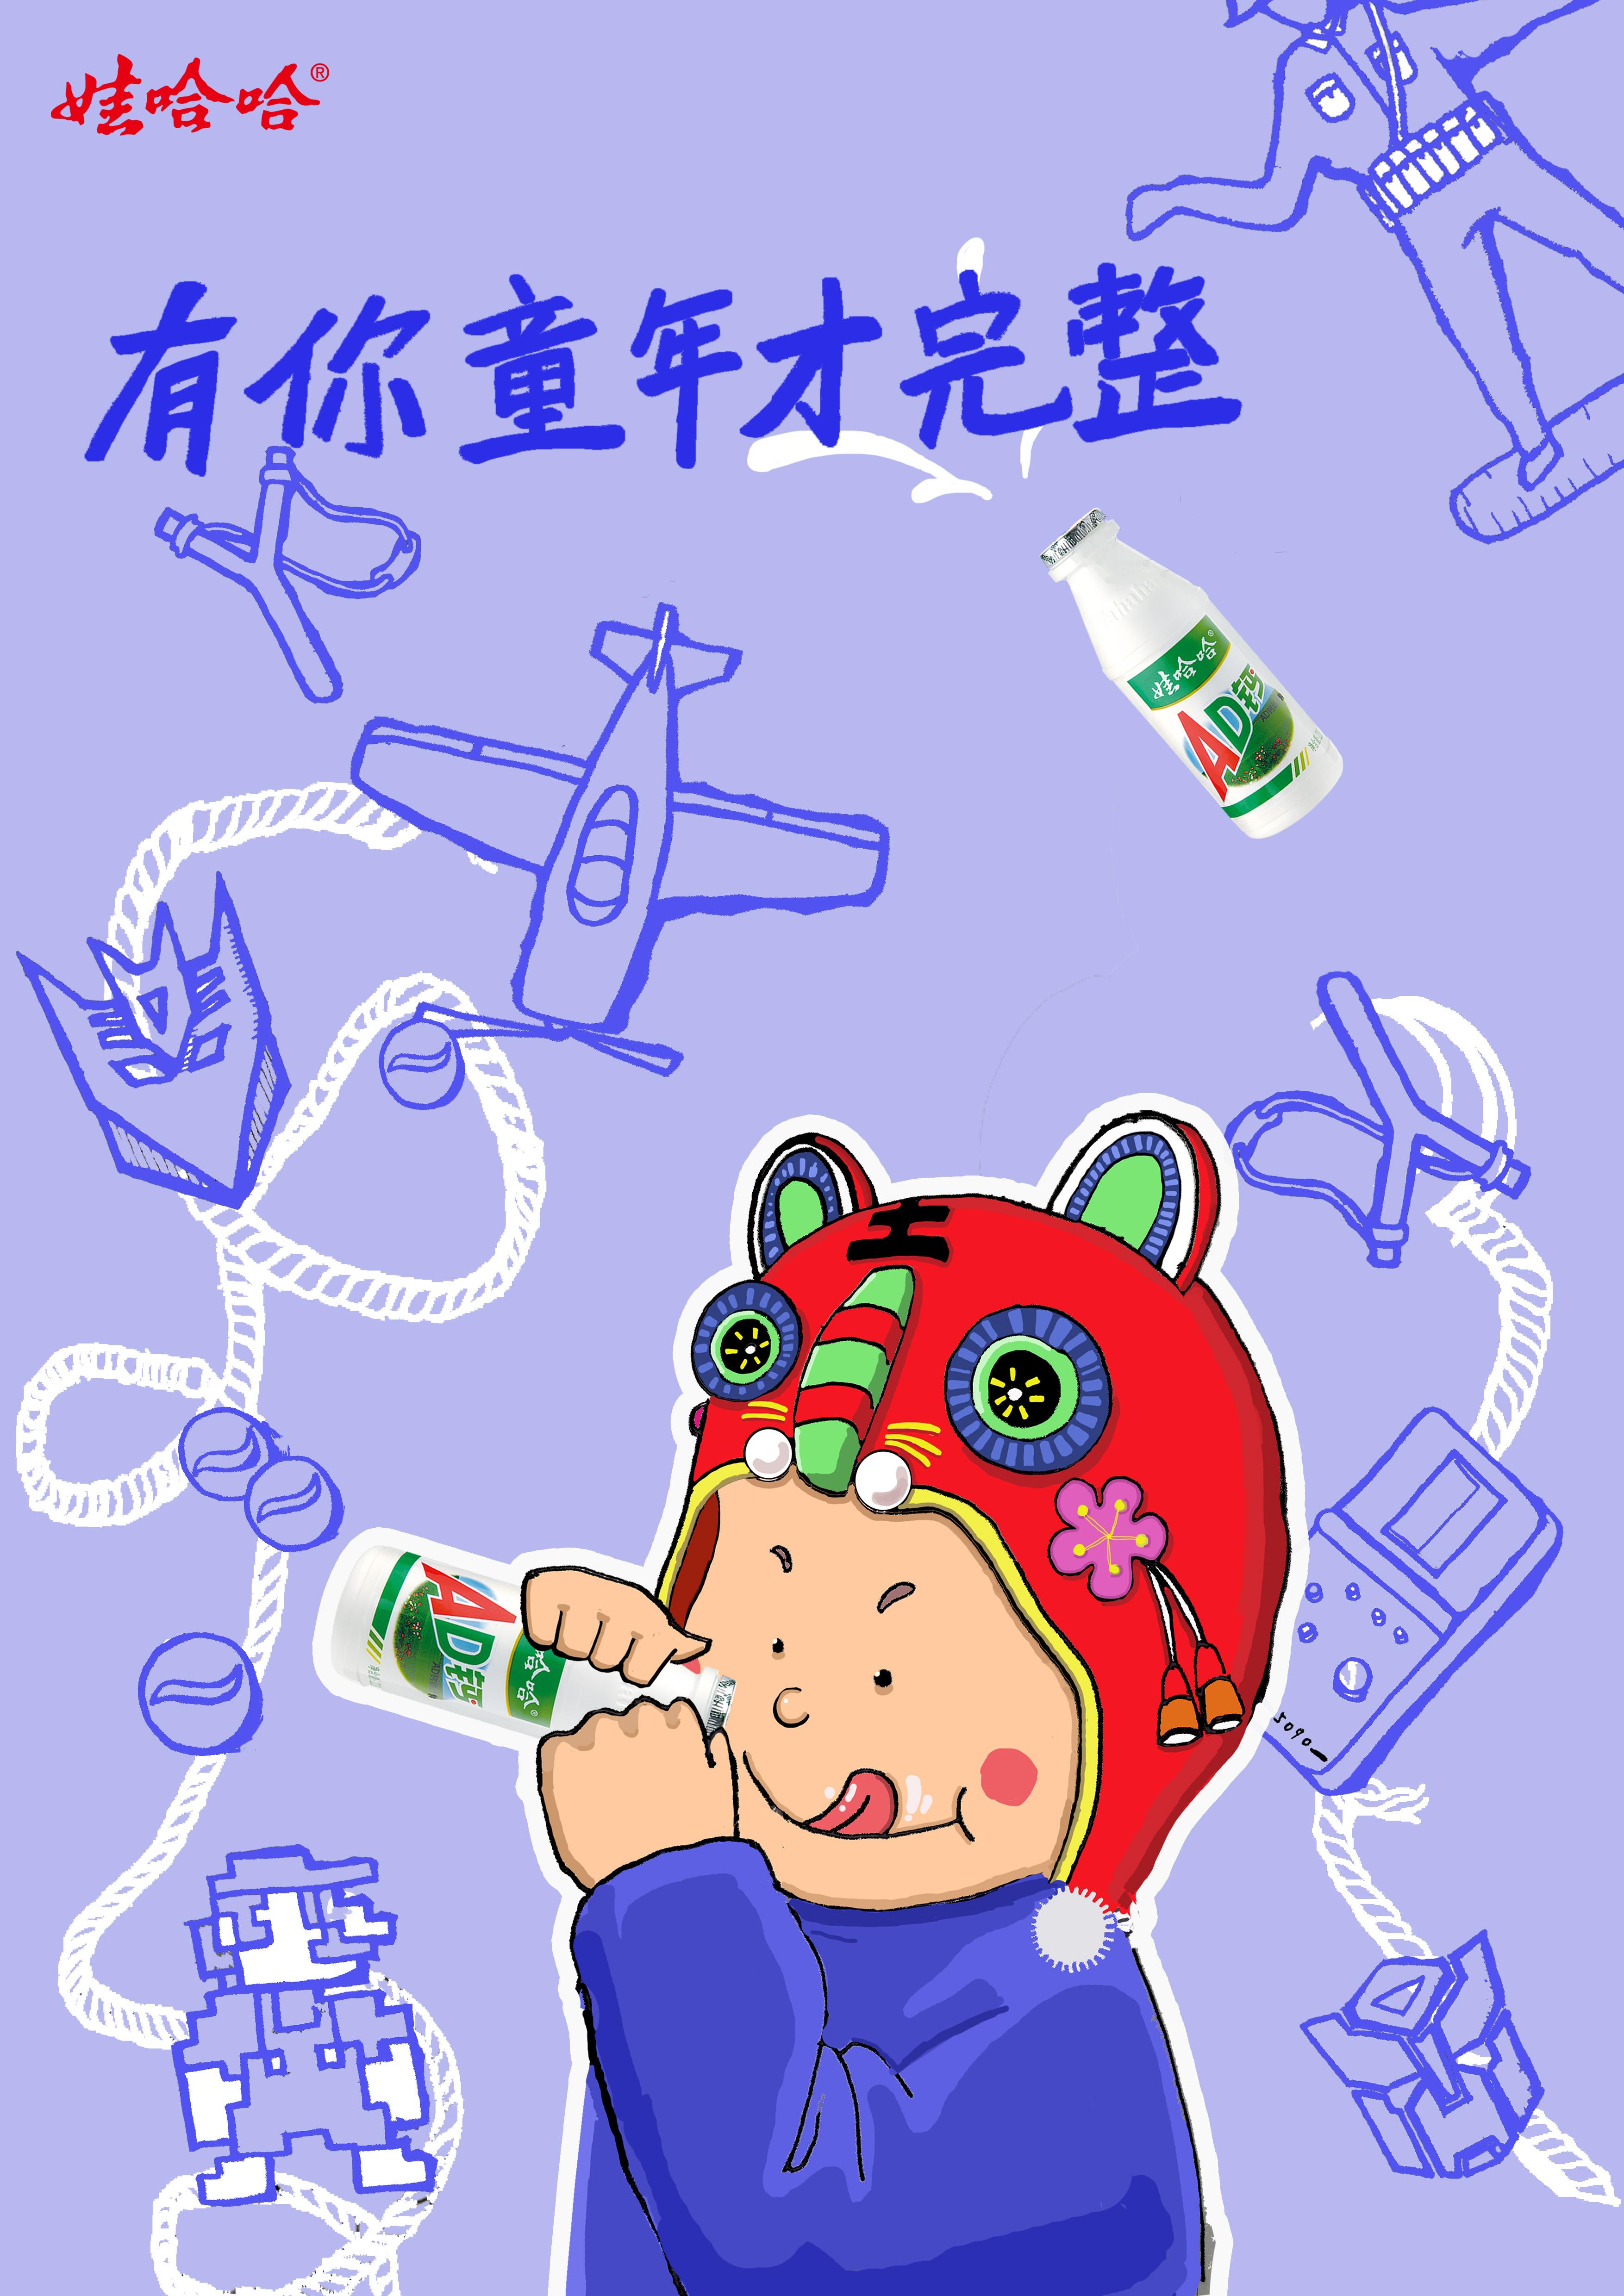 cn 娃哈哈ad钙广告创意_ad钙创意广告 - 电影天堂 3000 x 2122 jpeg图片